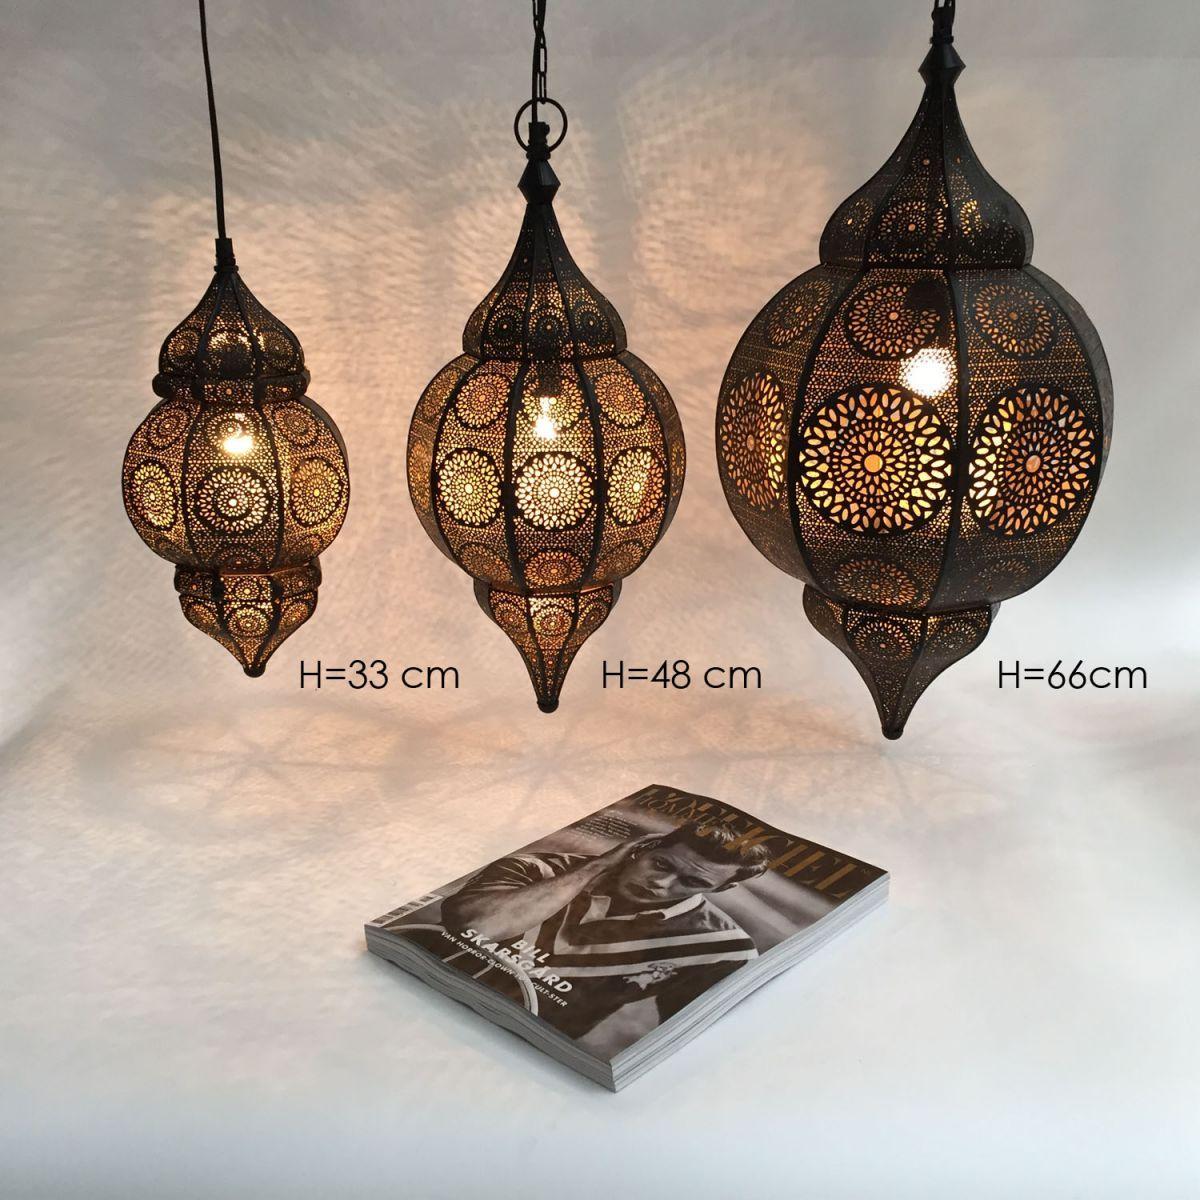 hanglamp orientaals l zwartgoud hg 66 32 cm